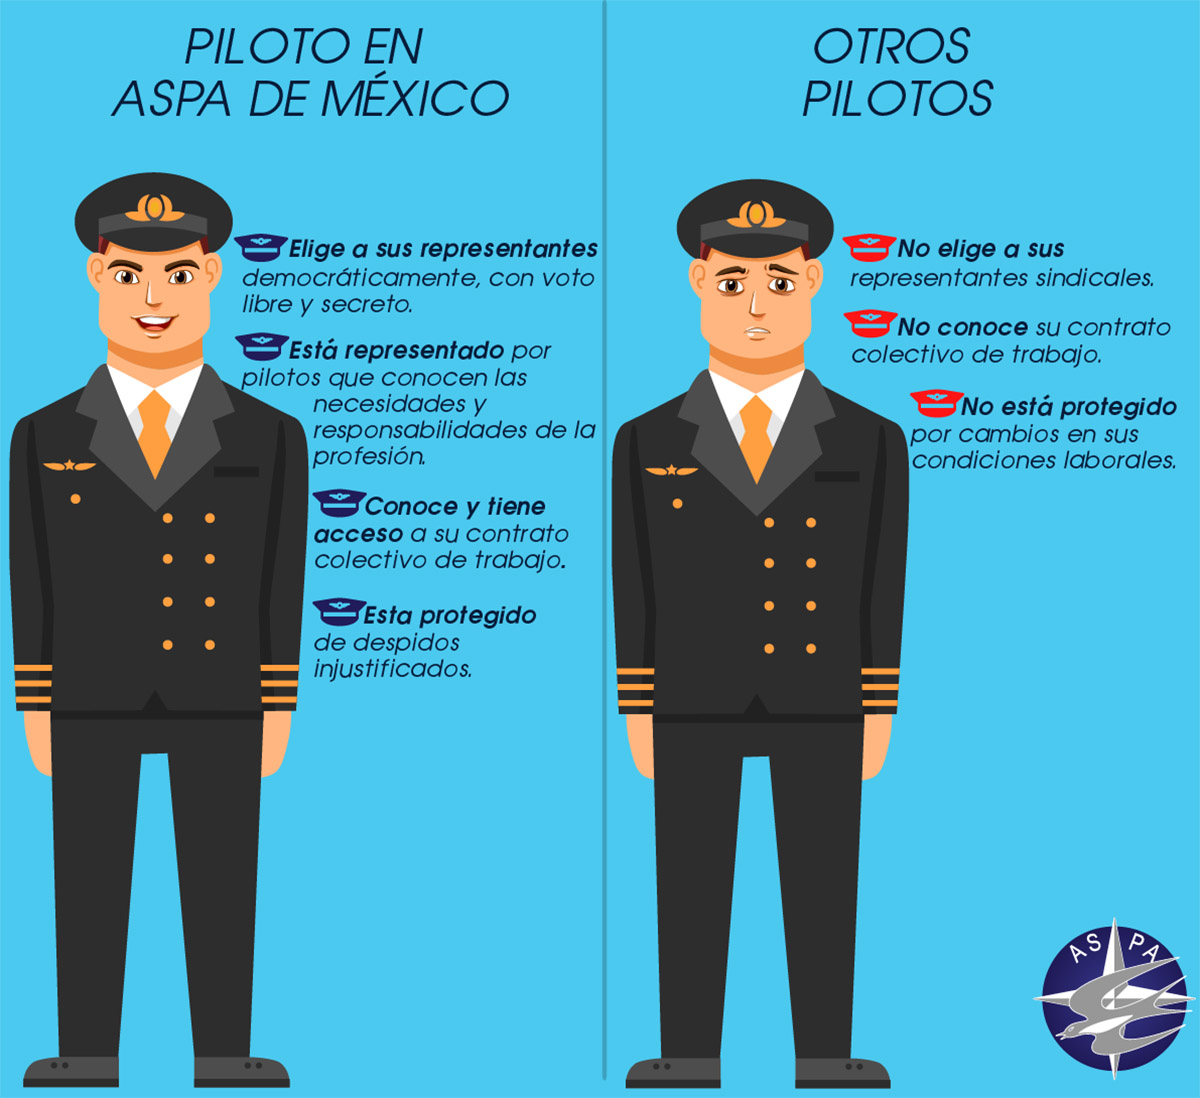 PILOTOS AEROLÍNEAS LOW COST TERRORISMO ASPA 03